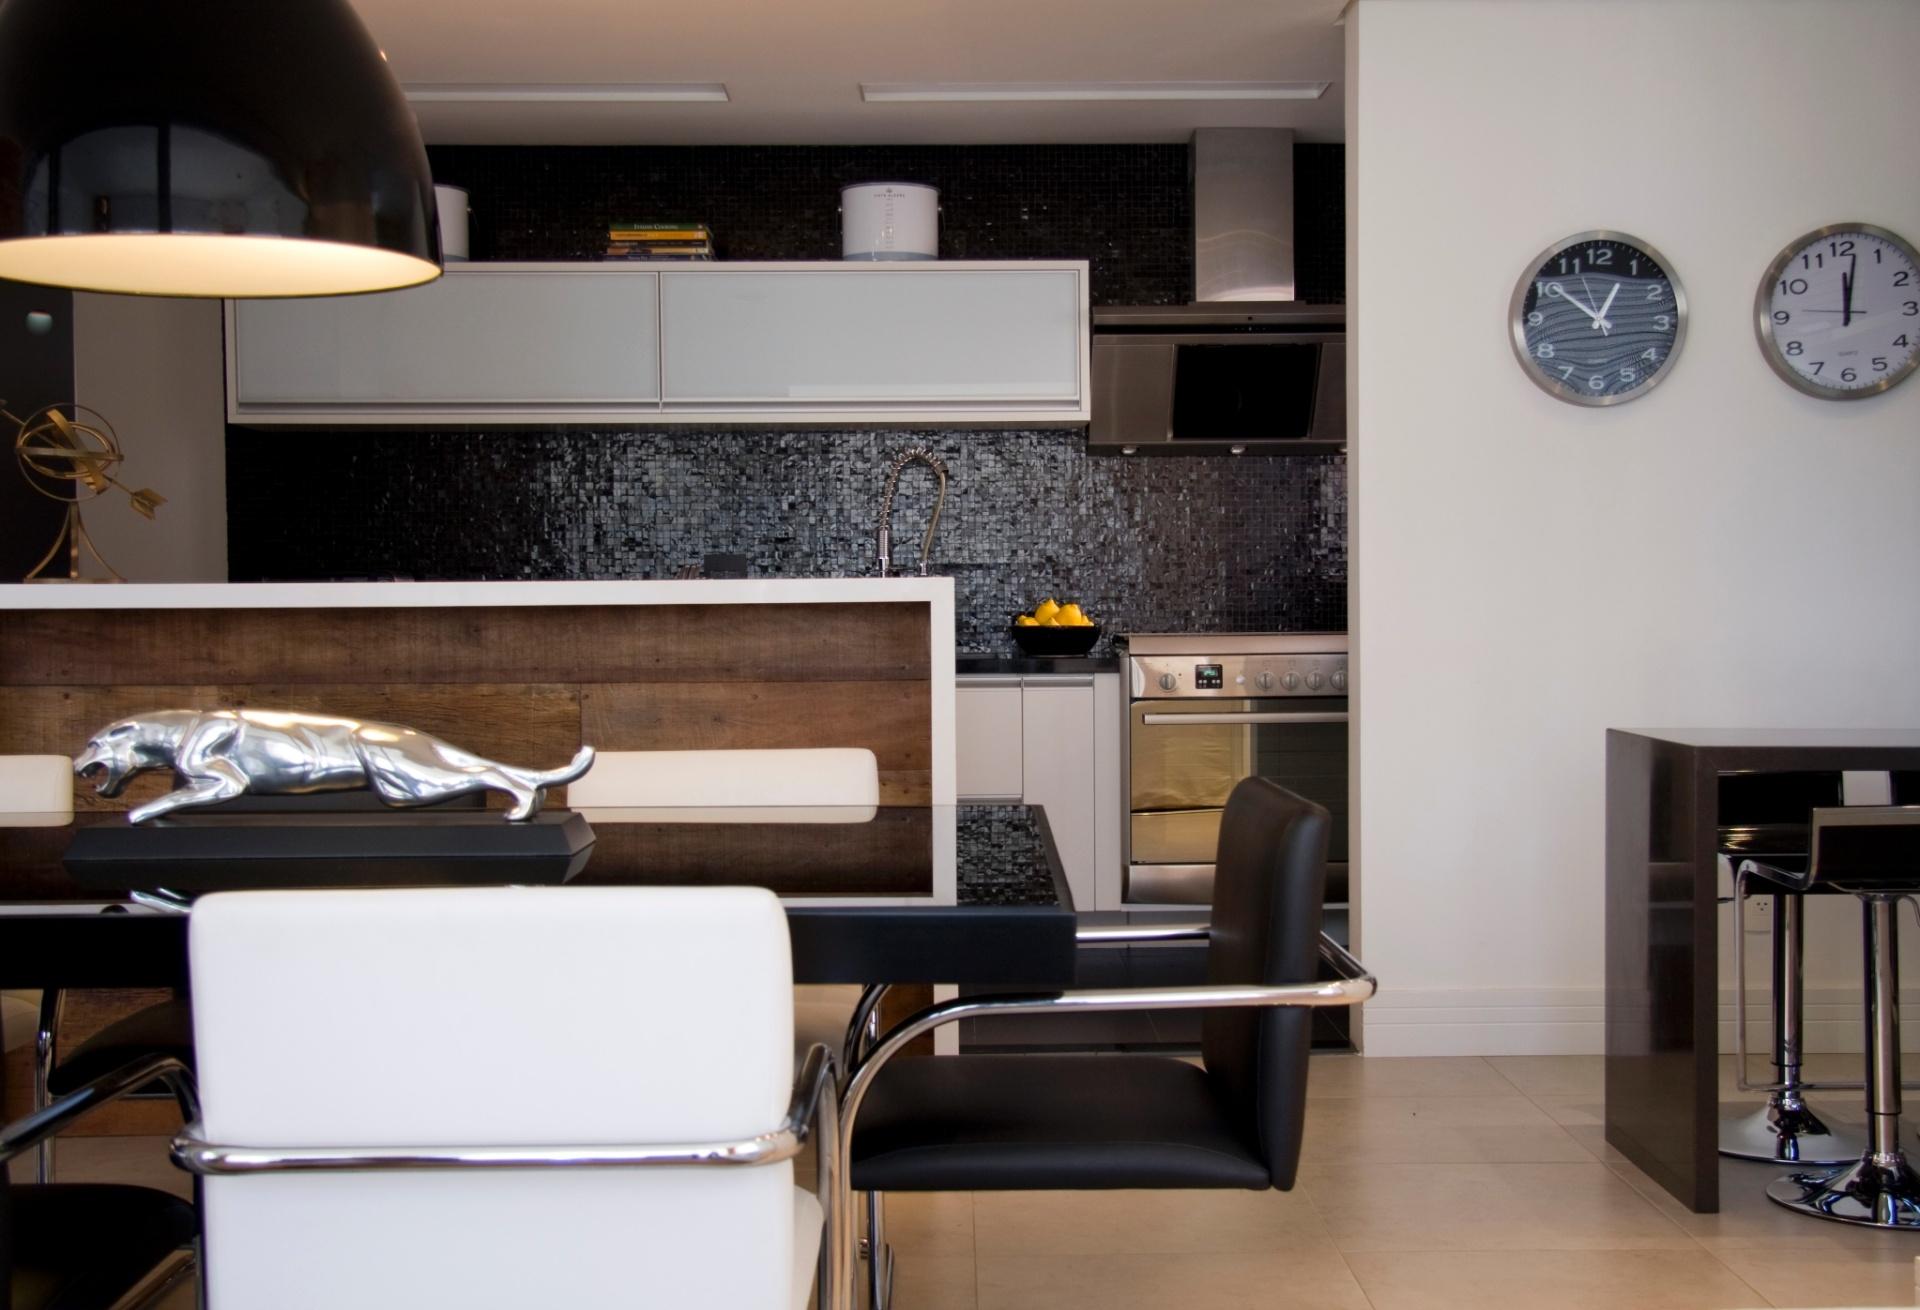 Os móveis planejados (Todeschini) contrastam com as pastilhas de vidro da (Vidrotil), na cozinha integrada deste apartamento duplex com 170 m². Esses materiais combinados aos eletrodomésticos em aço inox resultam na atmosfera moderna. O projeto é uma criação da arquiteta Karina Korn